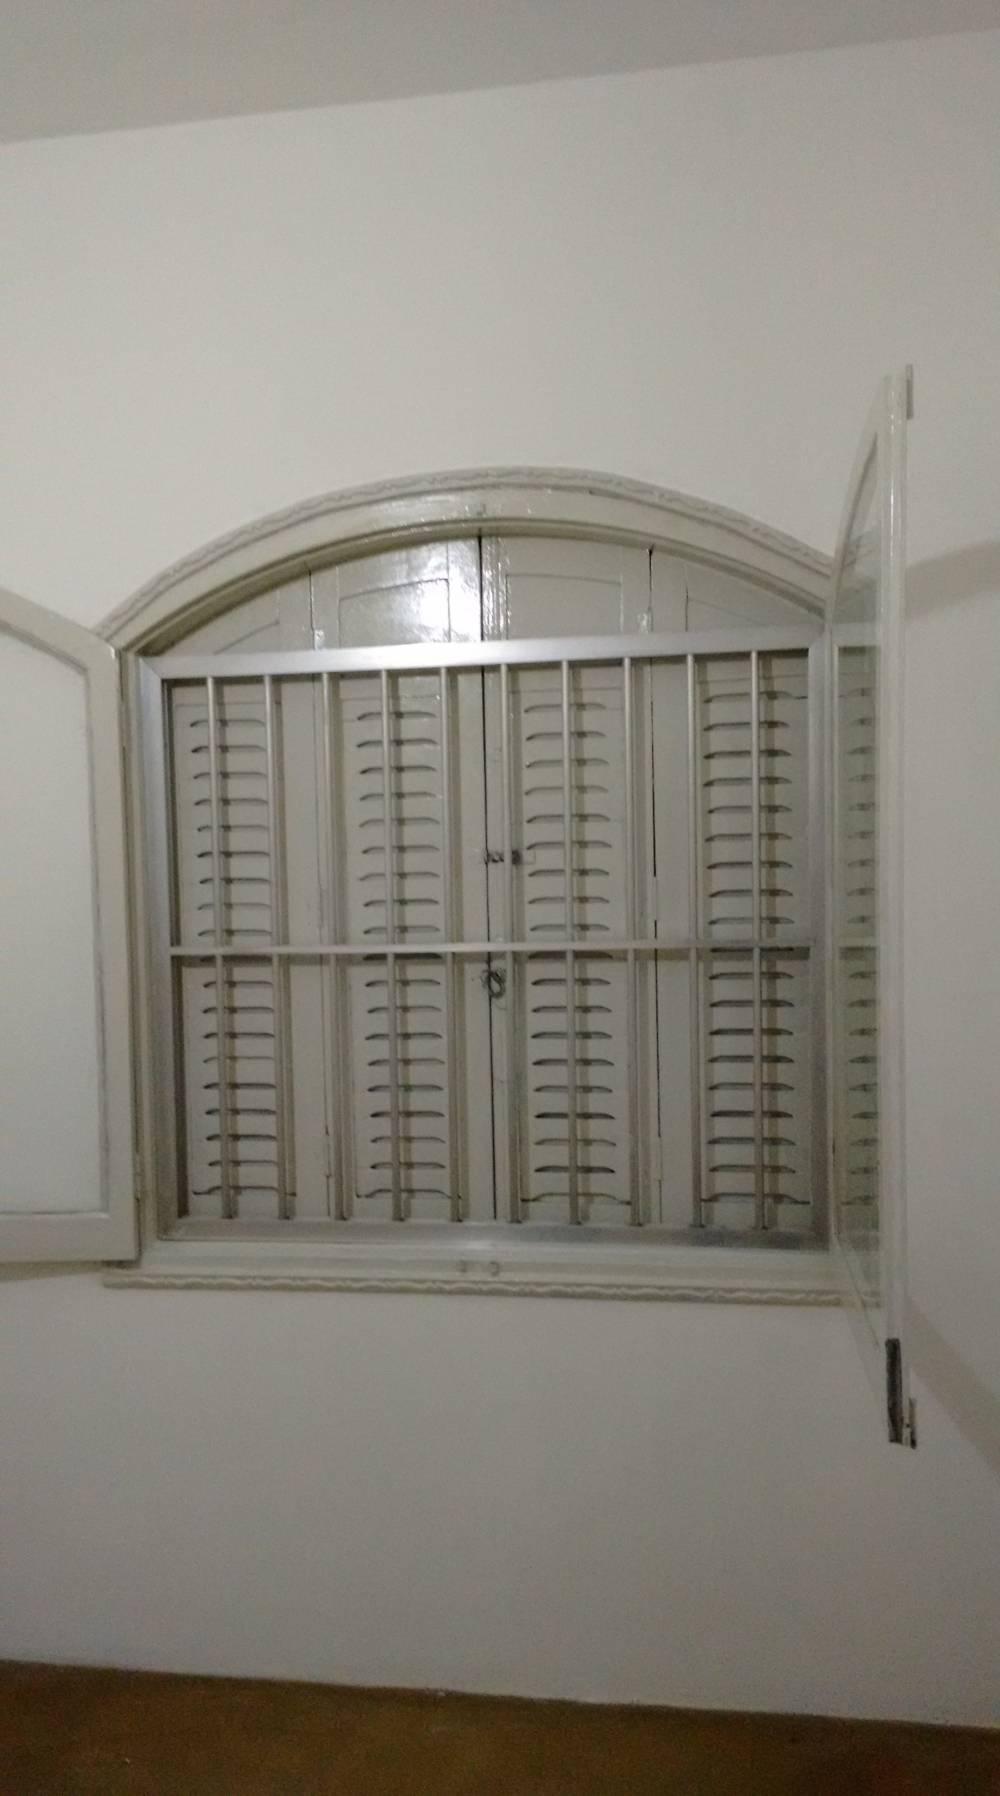 Empresa de Reparos Residenciais Qual o Valor na Vila Fláquer - Reparos Residenciais em Mauá